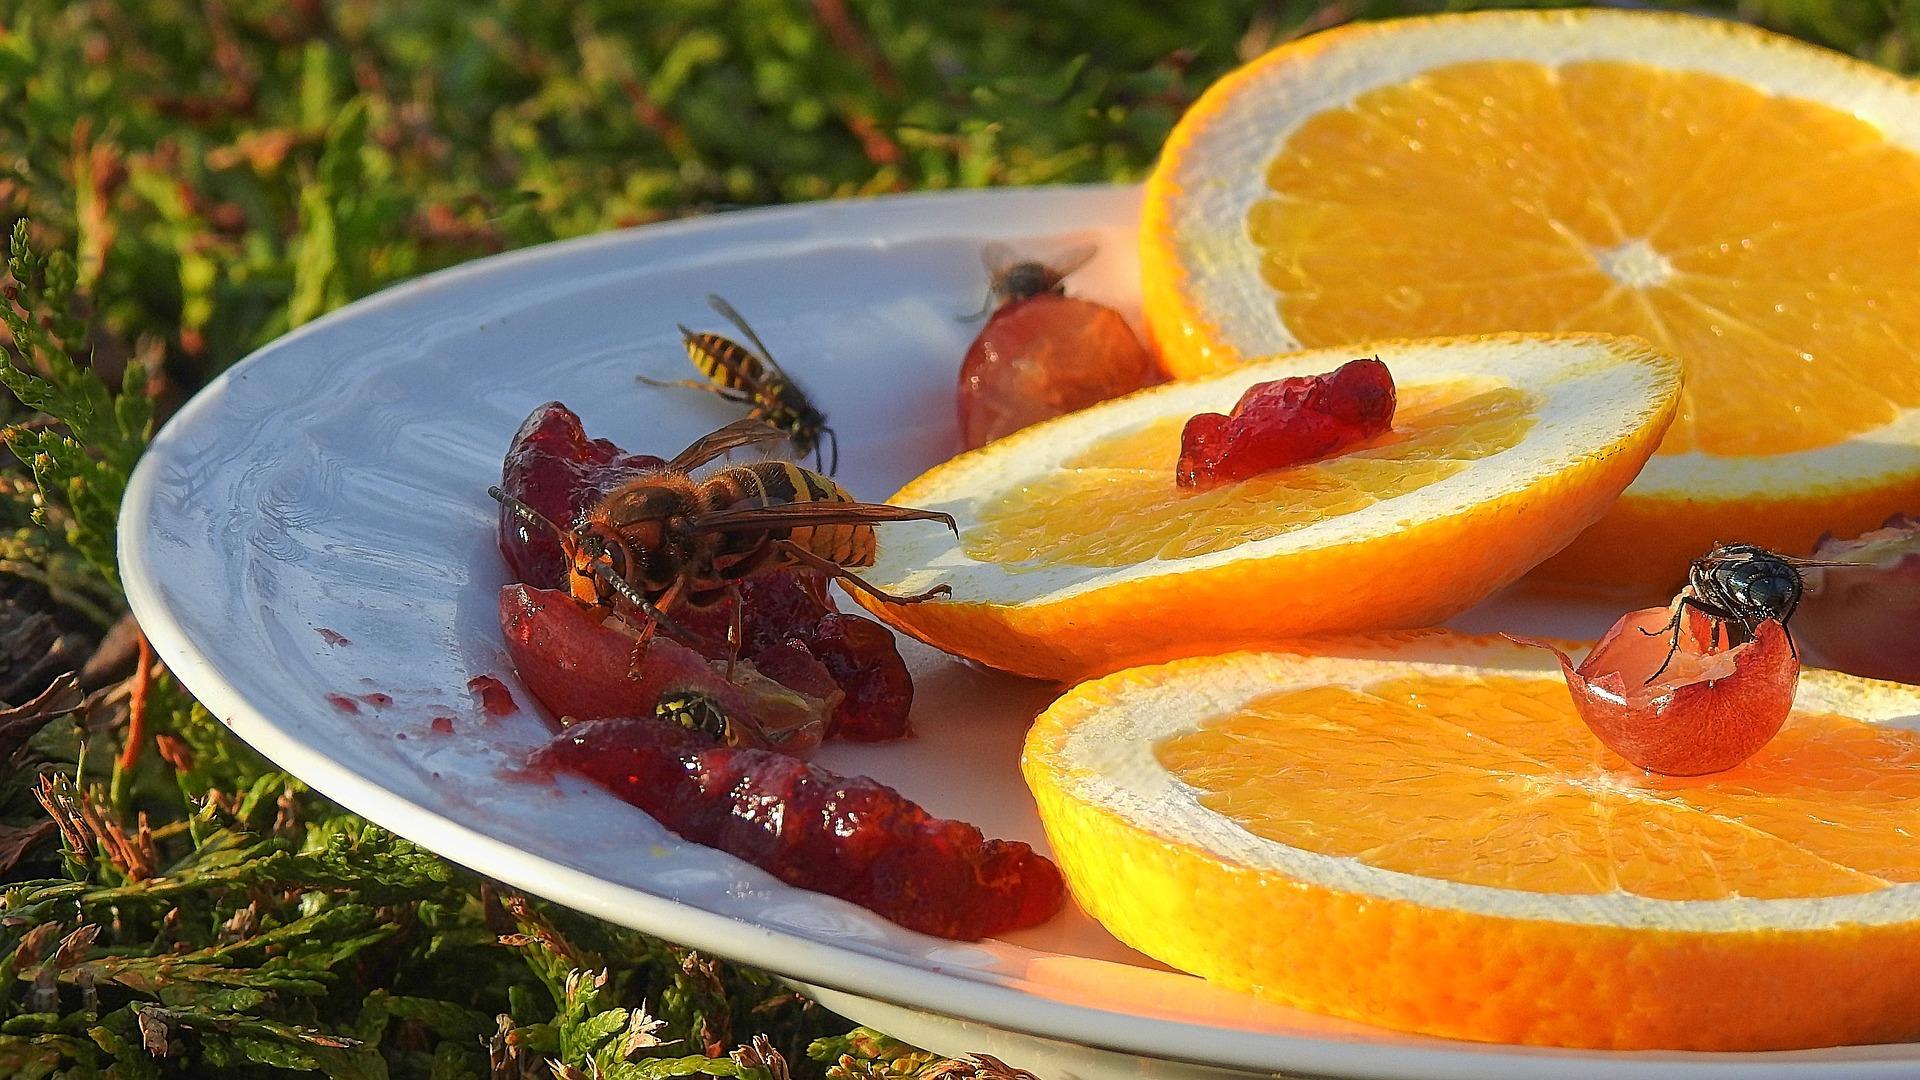 Durch Insektenbisse entstandene Wunden sind anfällig für Monilia-Fruchtfäule.